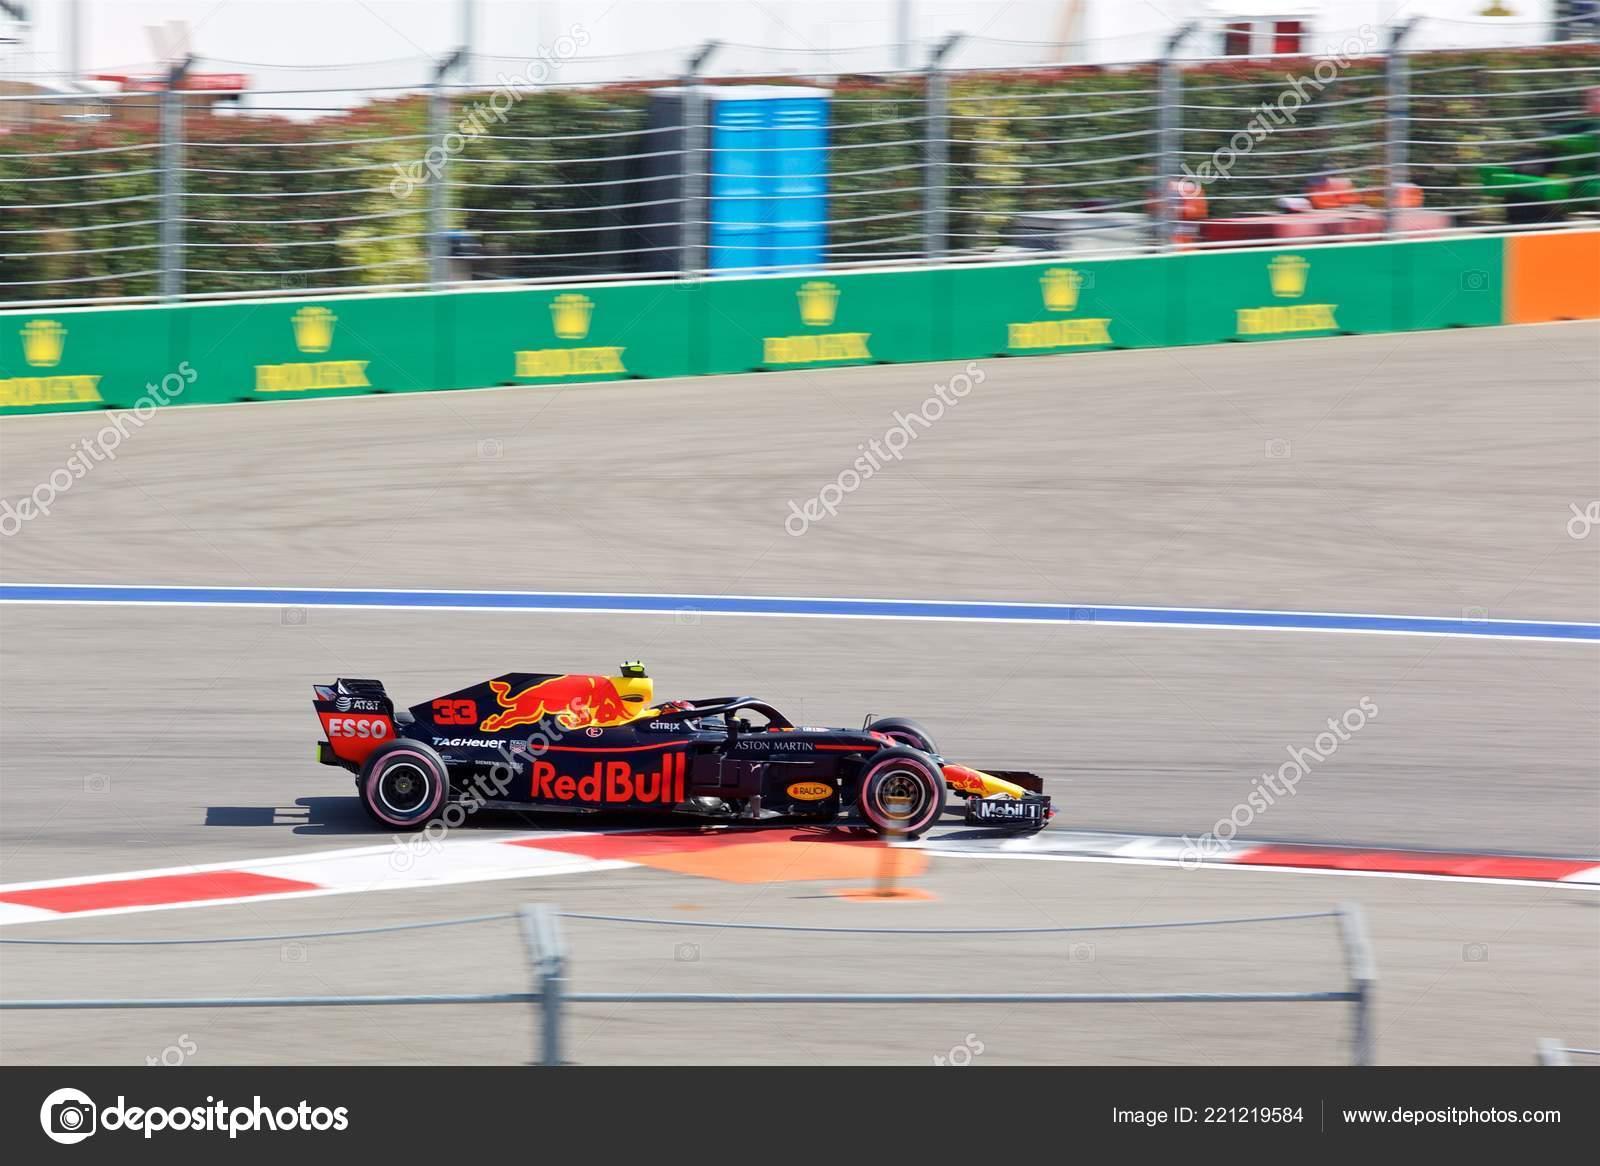 Sochi Russia Setembro 2018 Max Verstappen Aston Martin Red Bull Fotografia De Stock Editorial C Payee 221219584